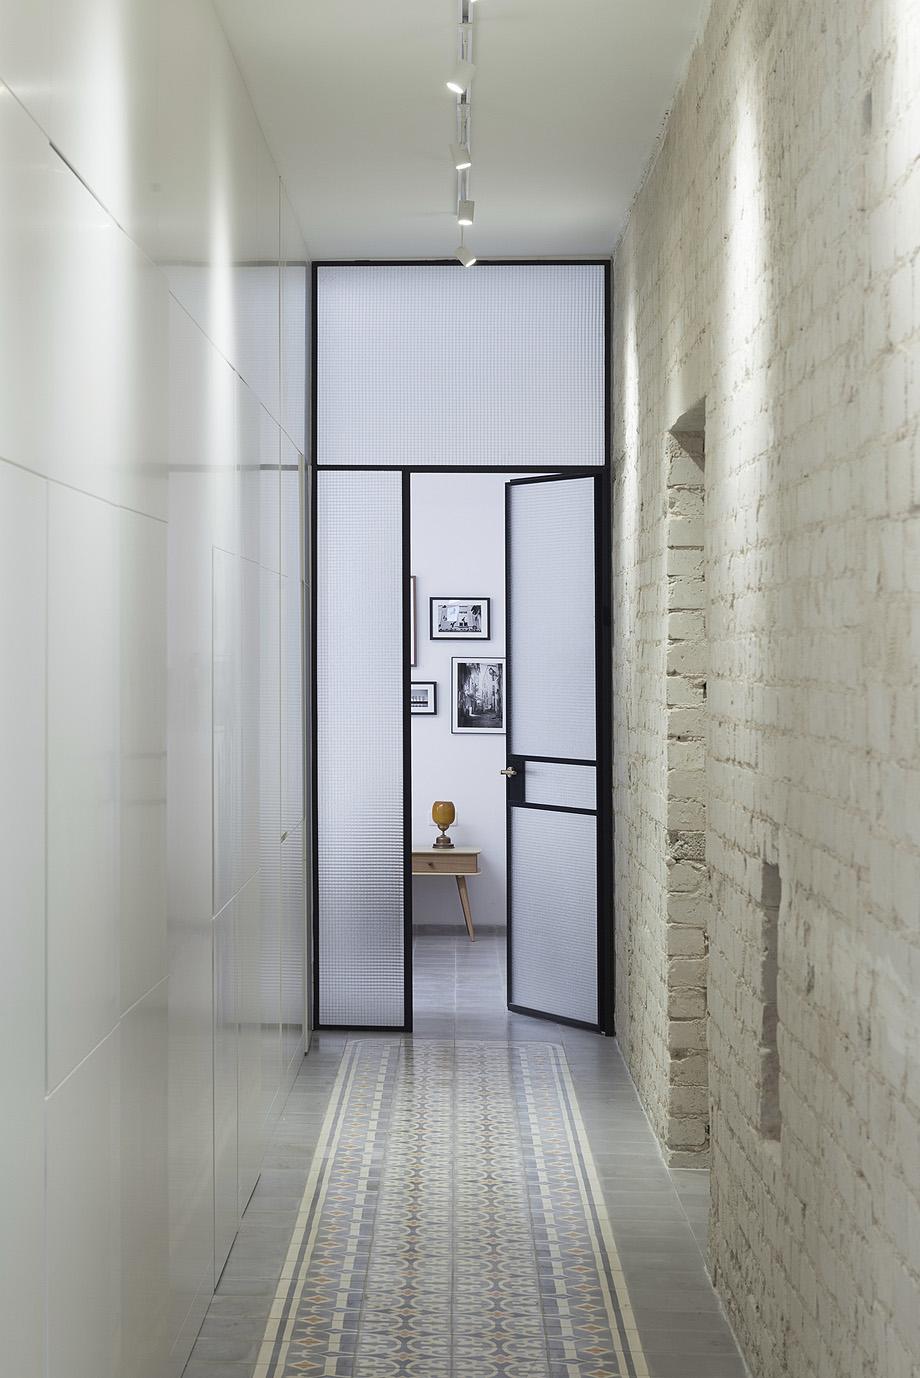 apartamento en tel aviv por xs studio - foto gideon levin (6)